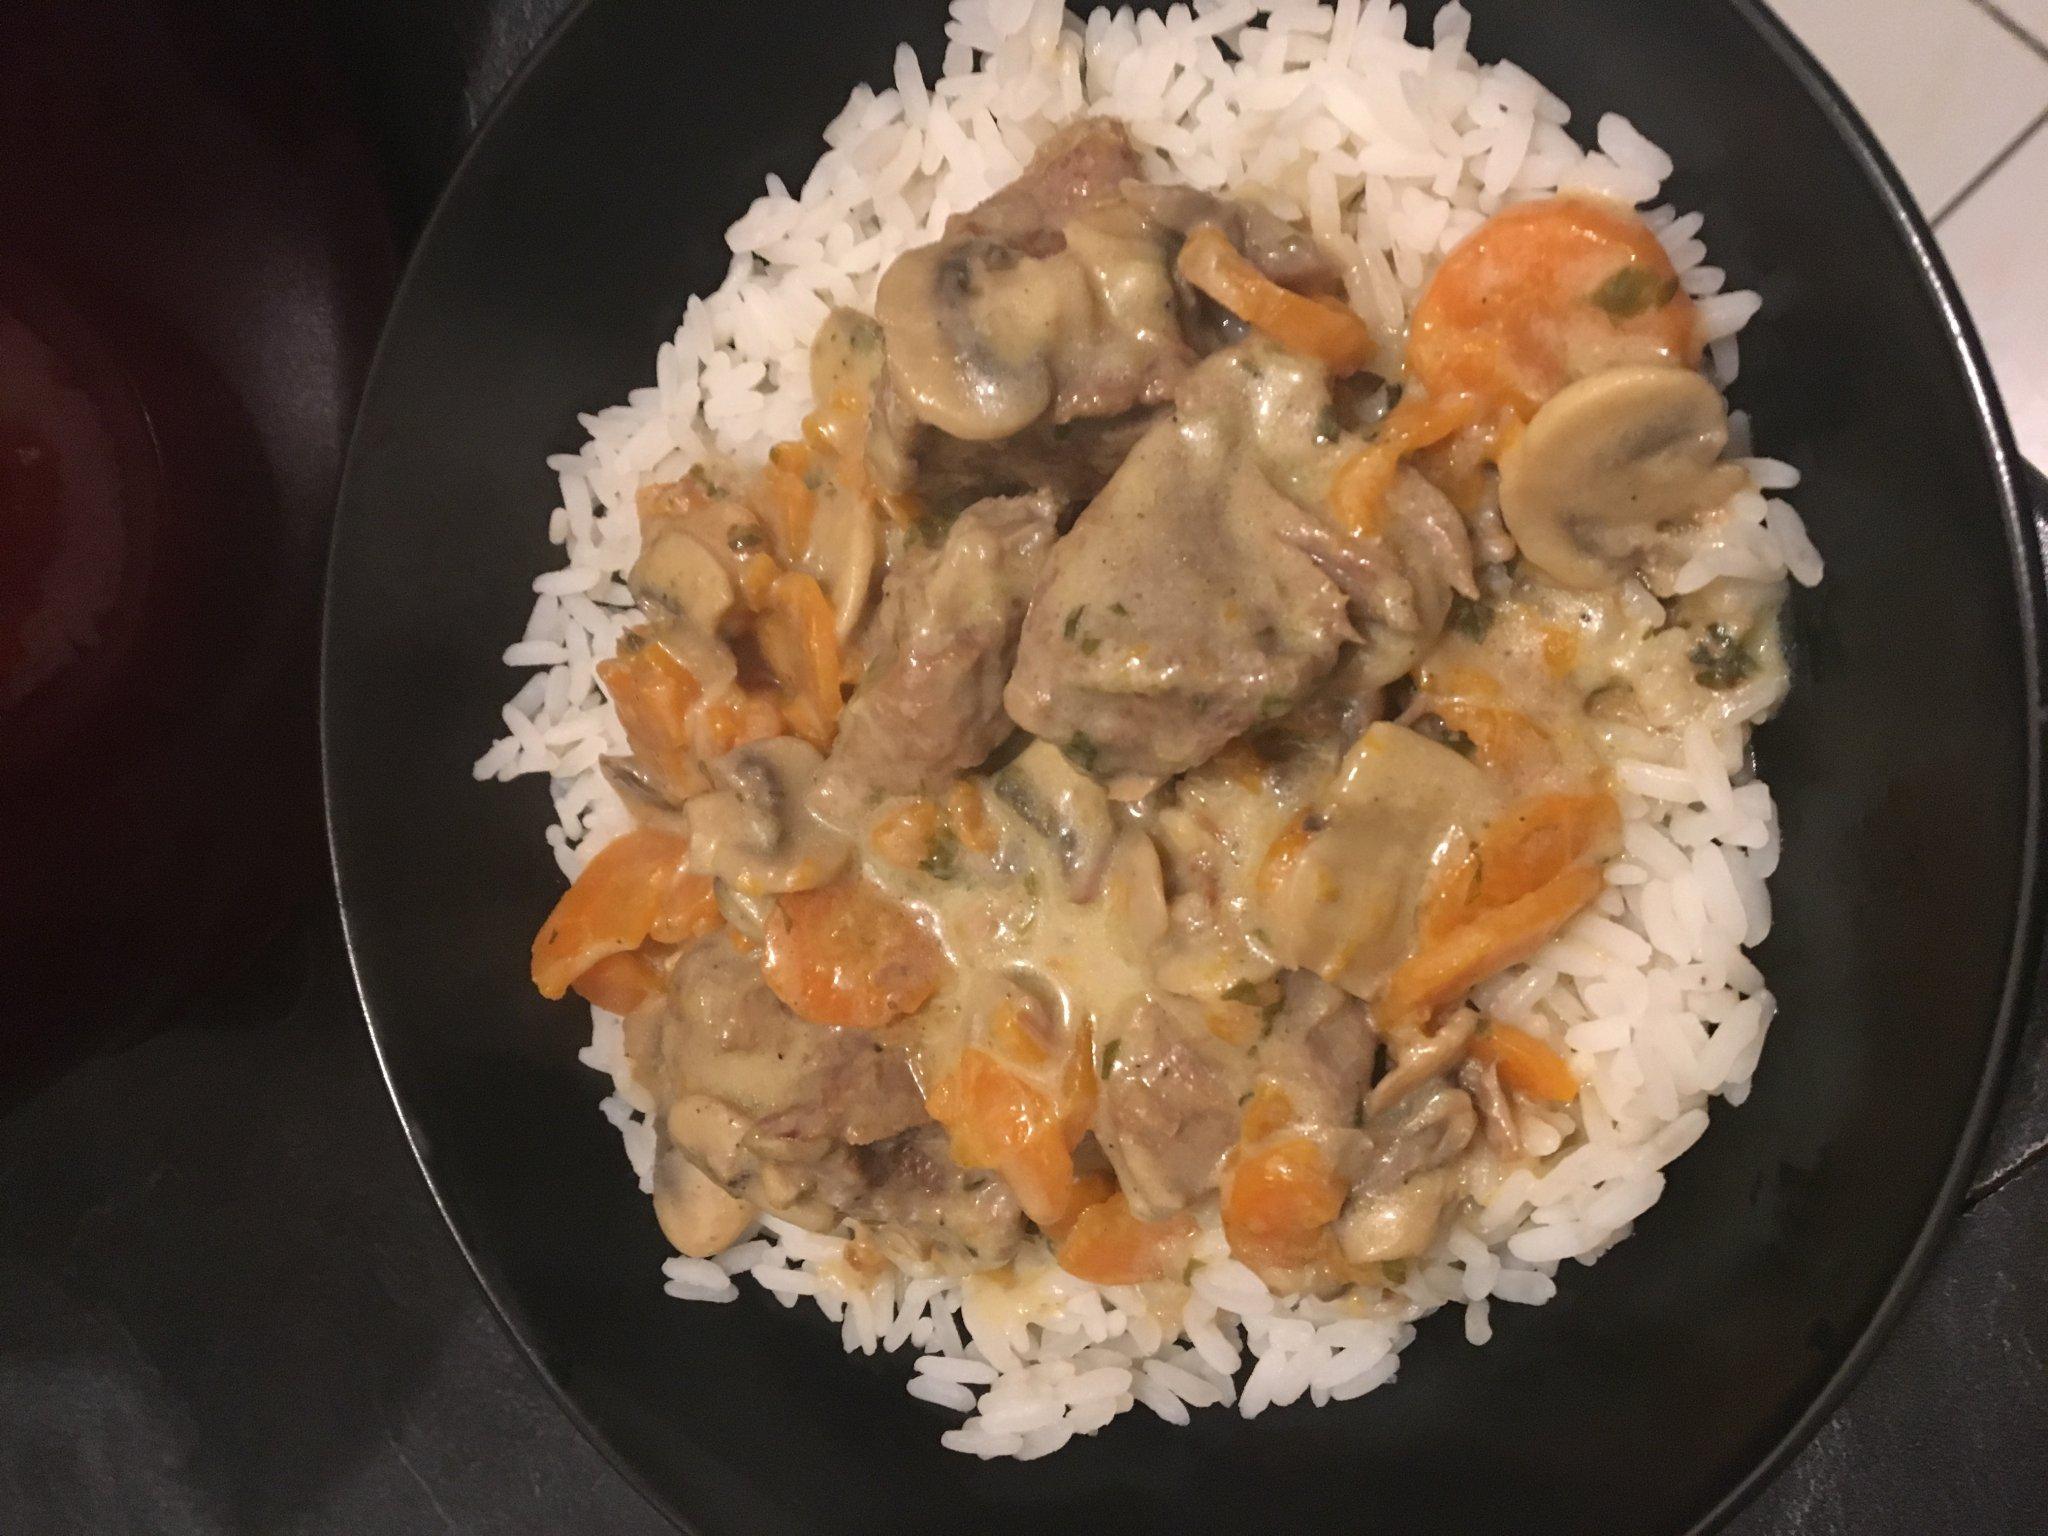 Blanquette de veau recettes cookeo - Recette de cuisine blanquette de veau ...